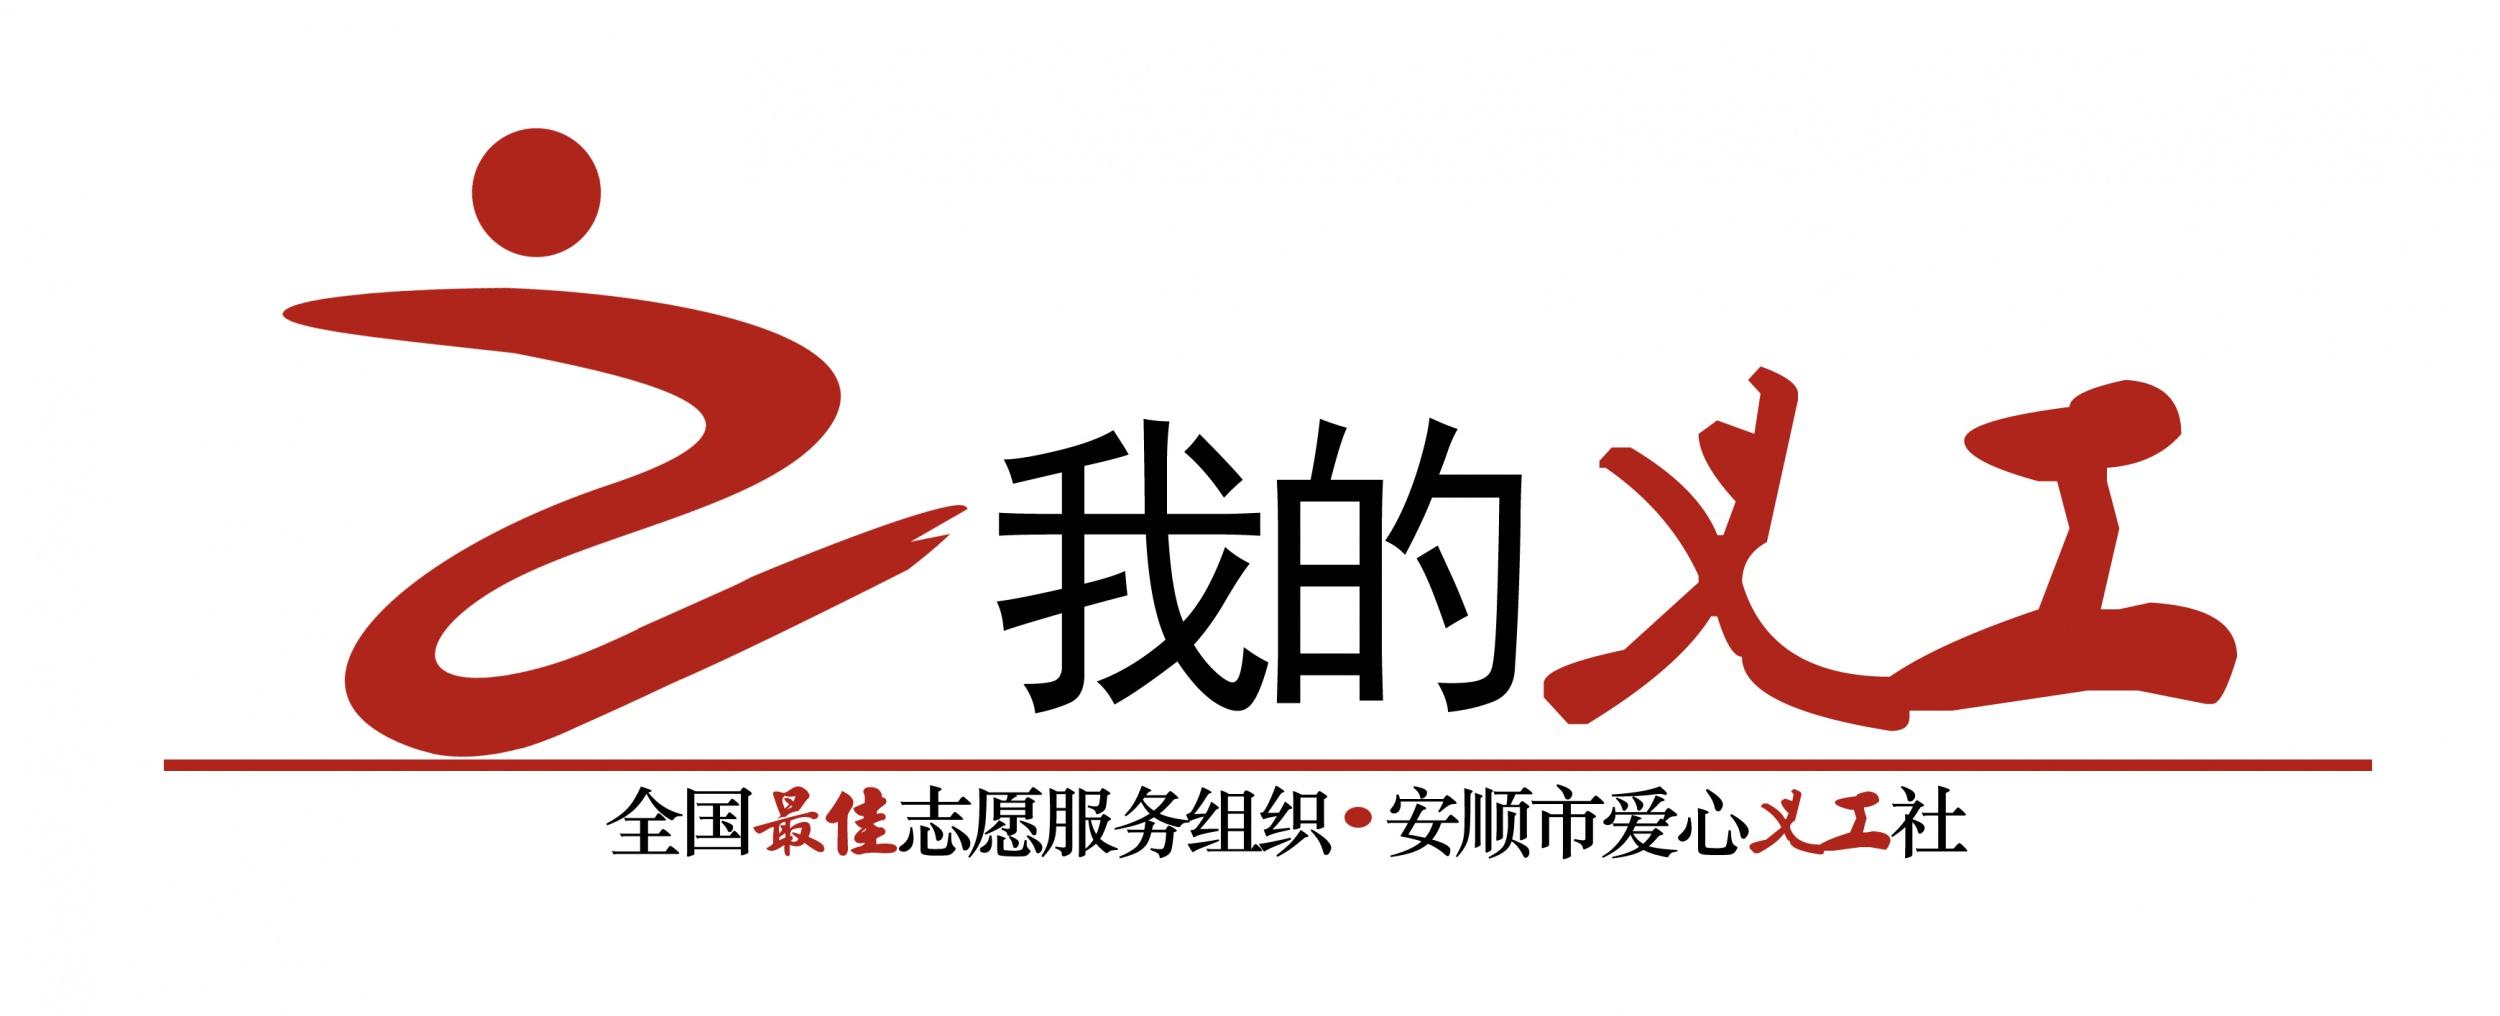 安顺市爱心义工社